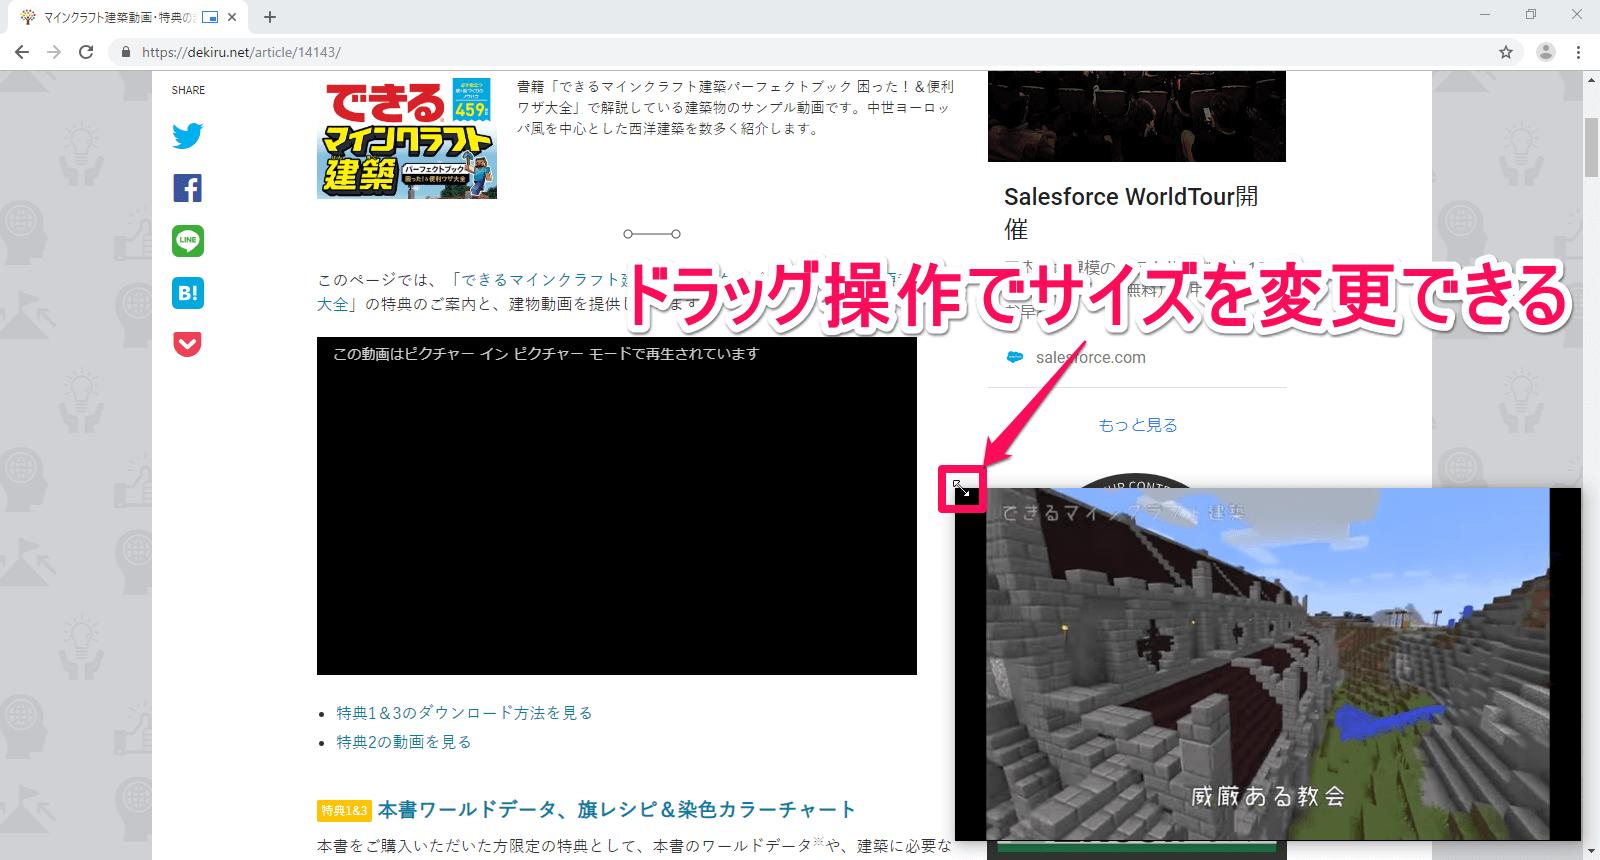 ブラウザー(Chrome、クローム)で再生中の動画のピクチャーインピクチャーで、動画ウィンドウのサイズを変更している画面